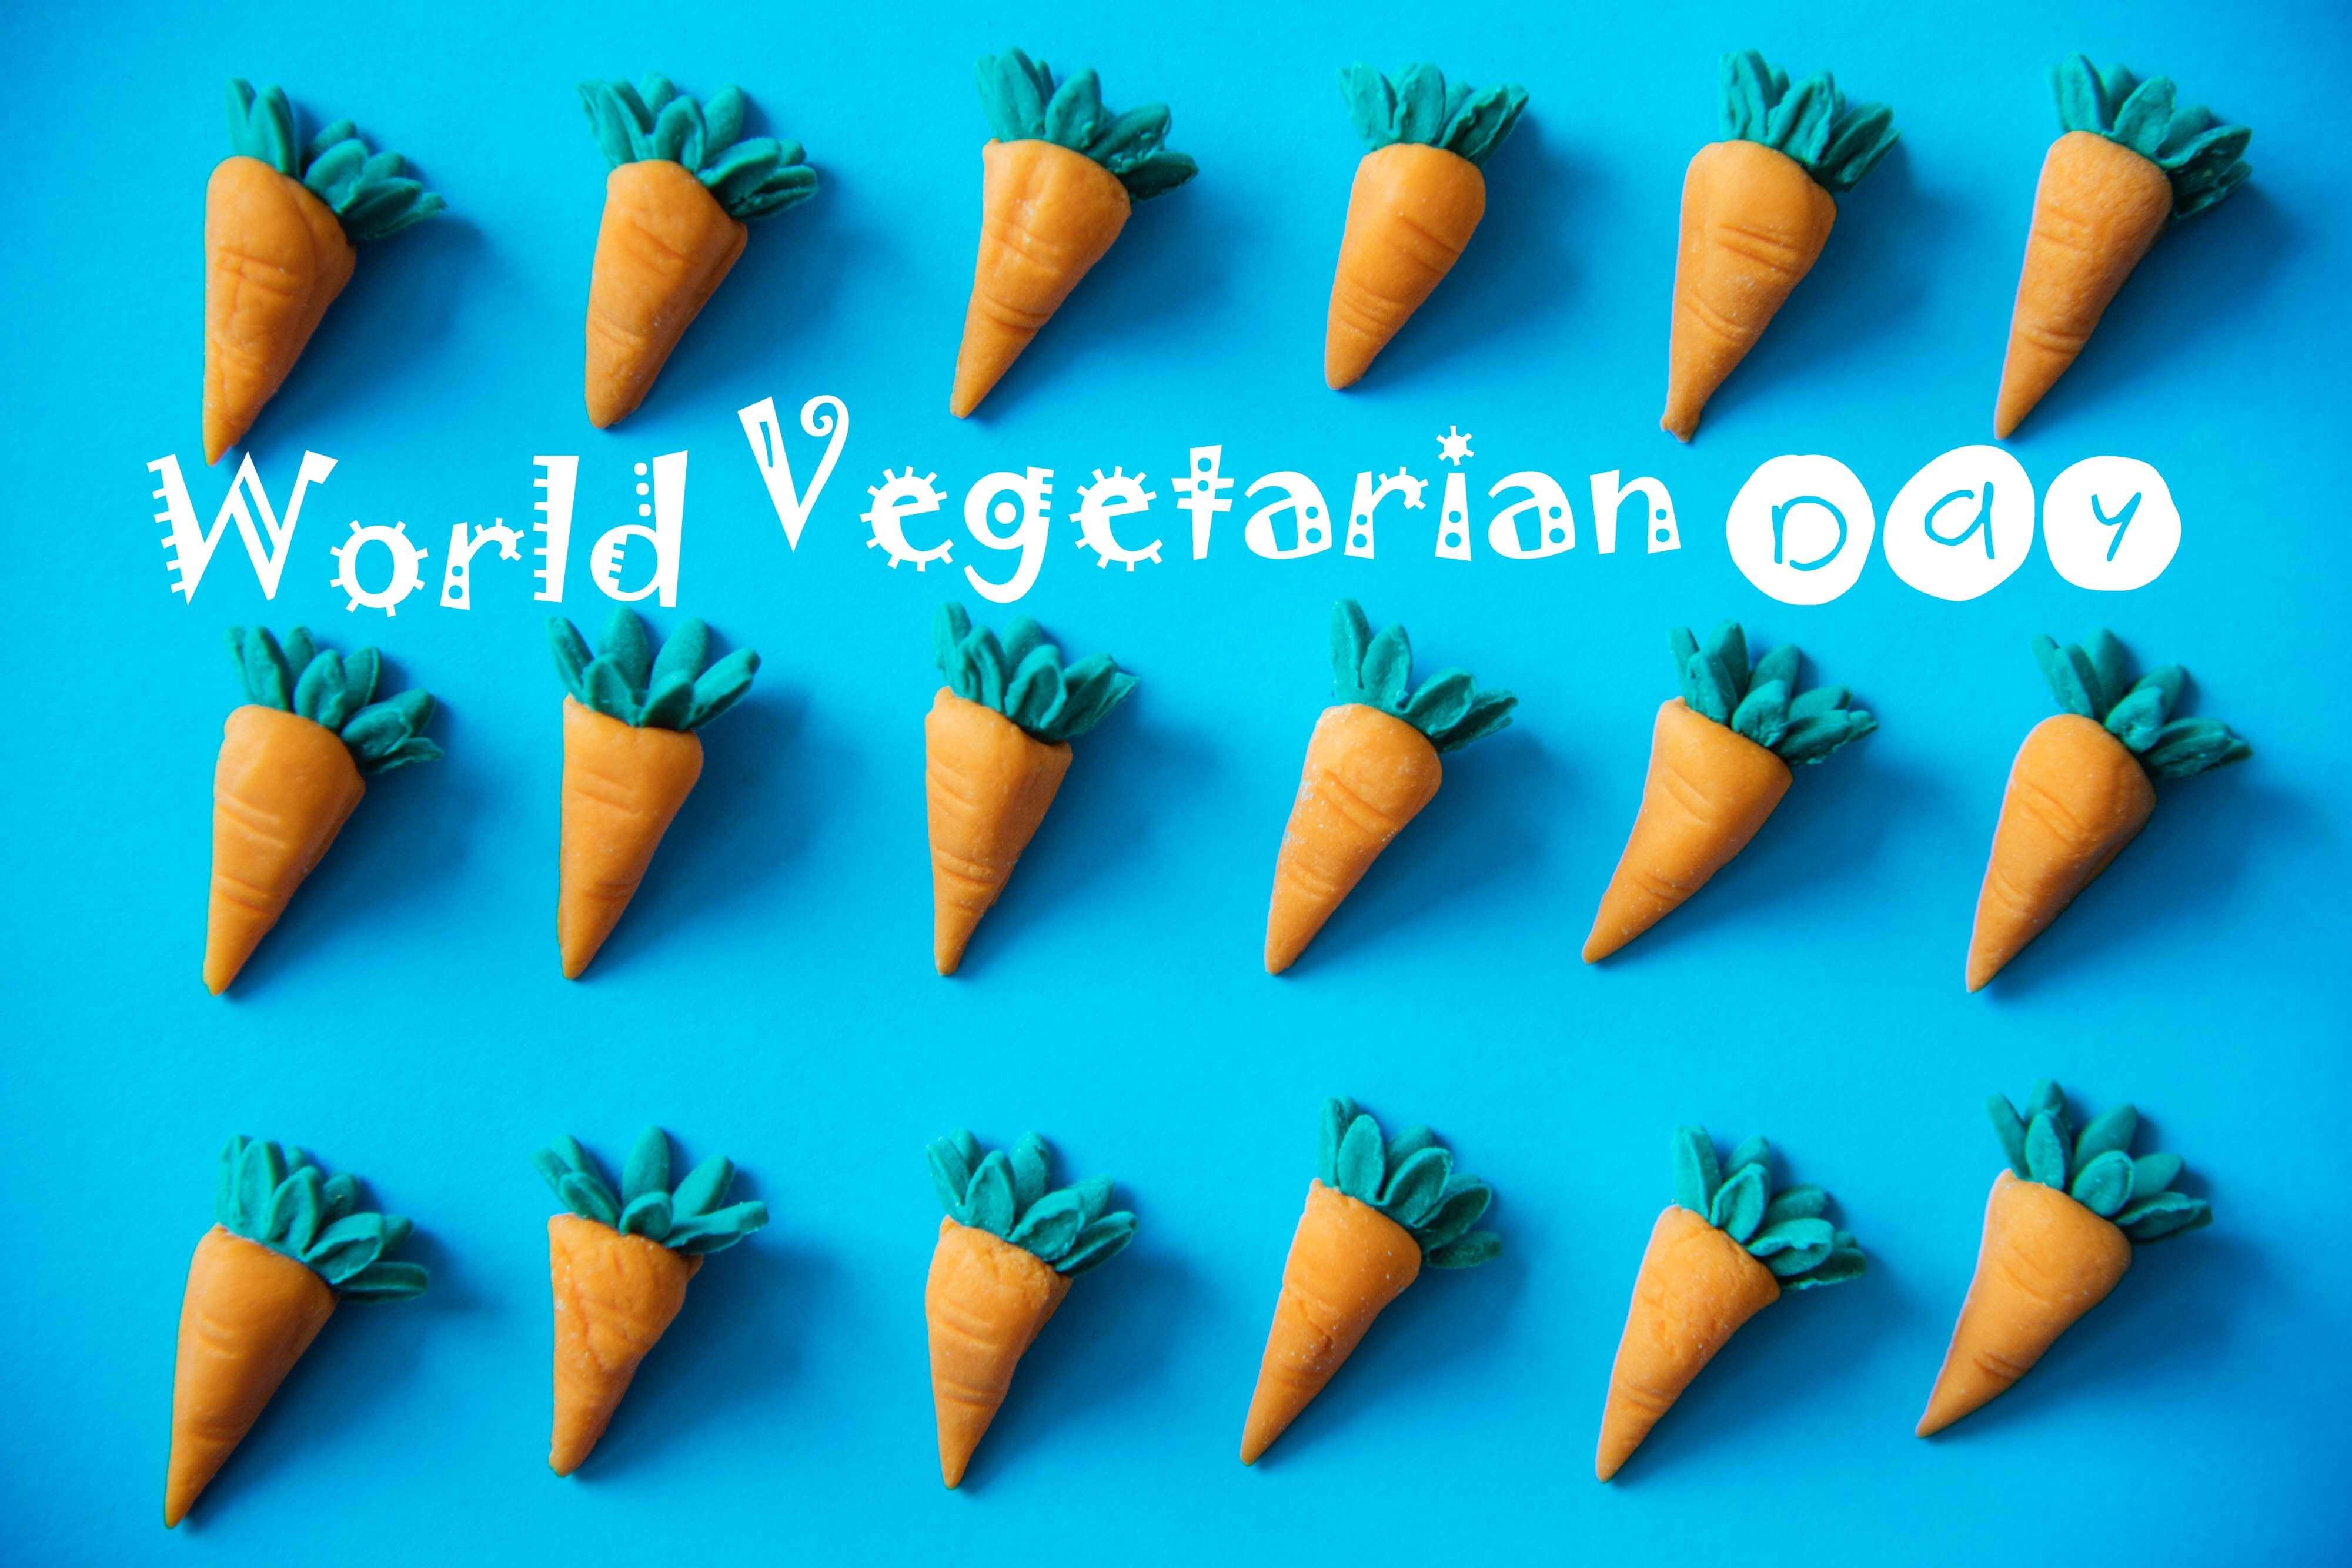 world vegetarian day carrot vegan image pc image wallpaper